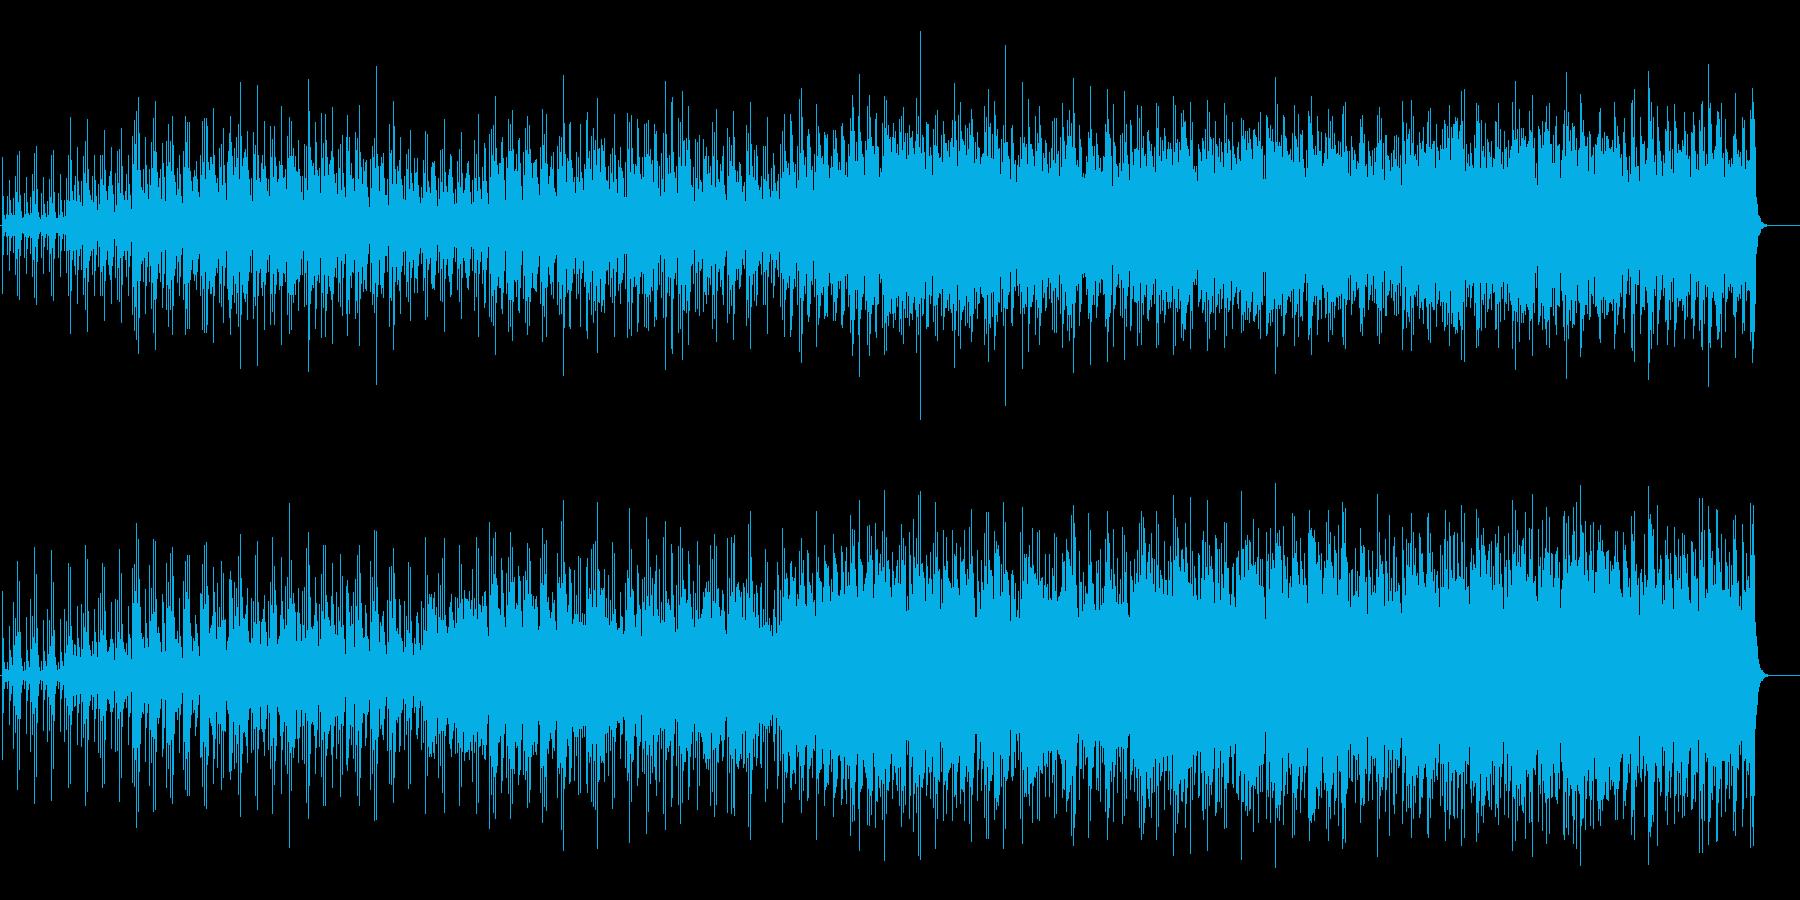 アメリカンロックをアコースティック風にの再生済みの波形